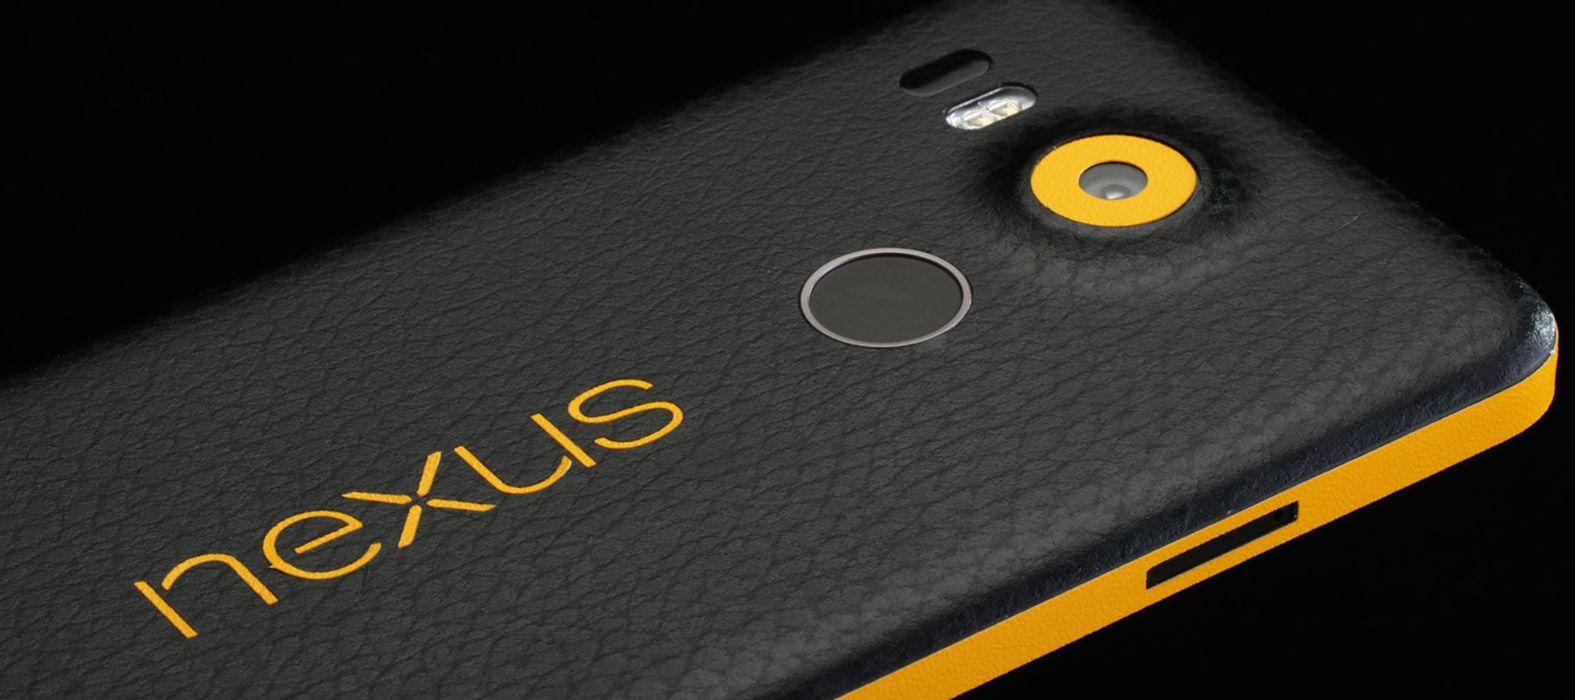 LG Nexus 5X Skins